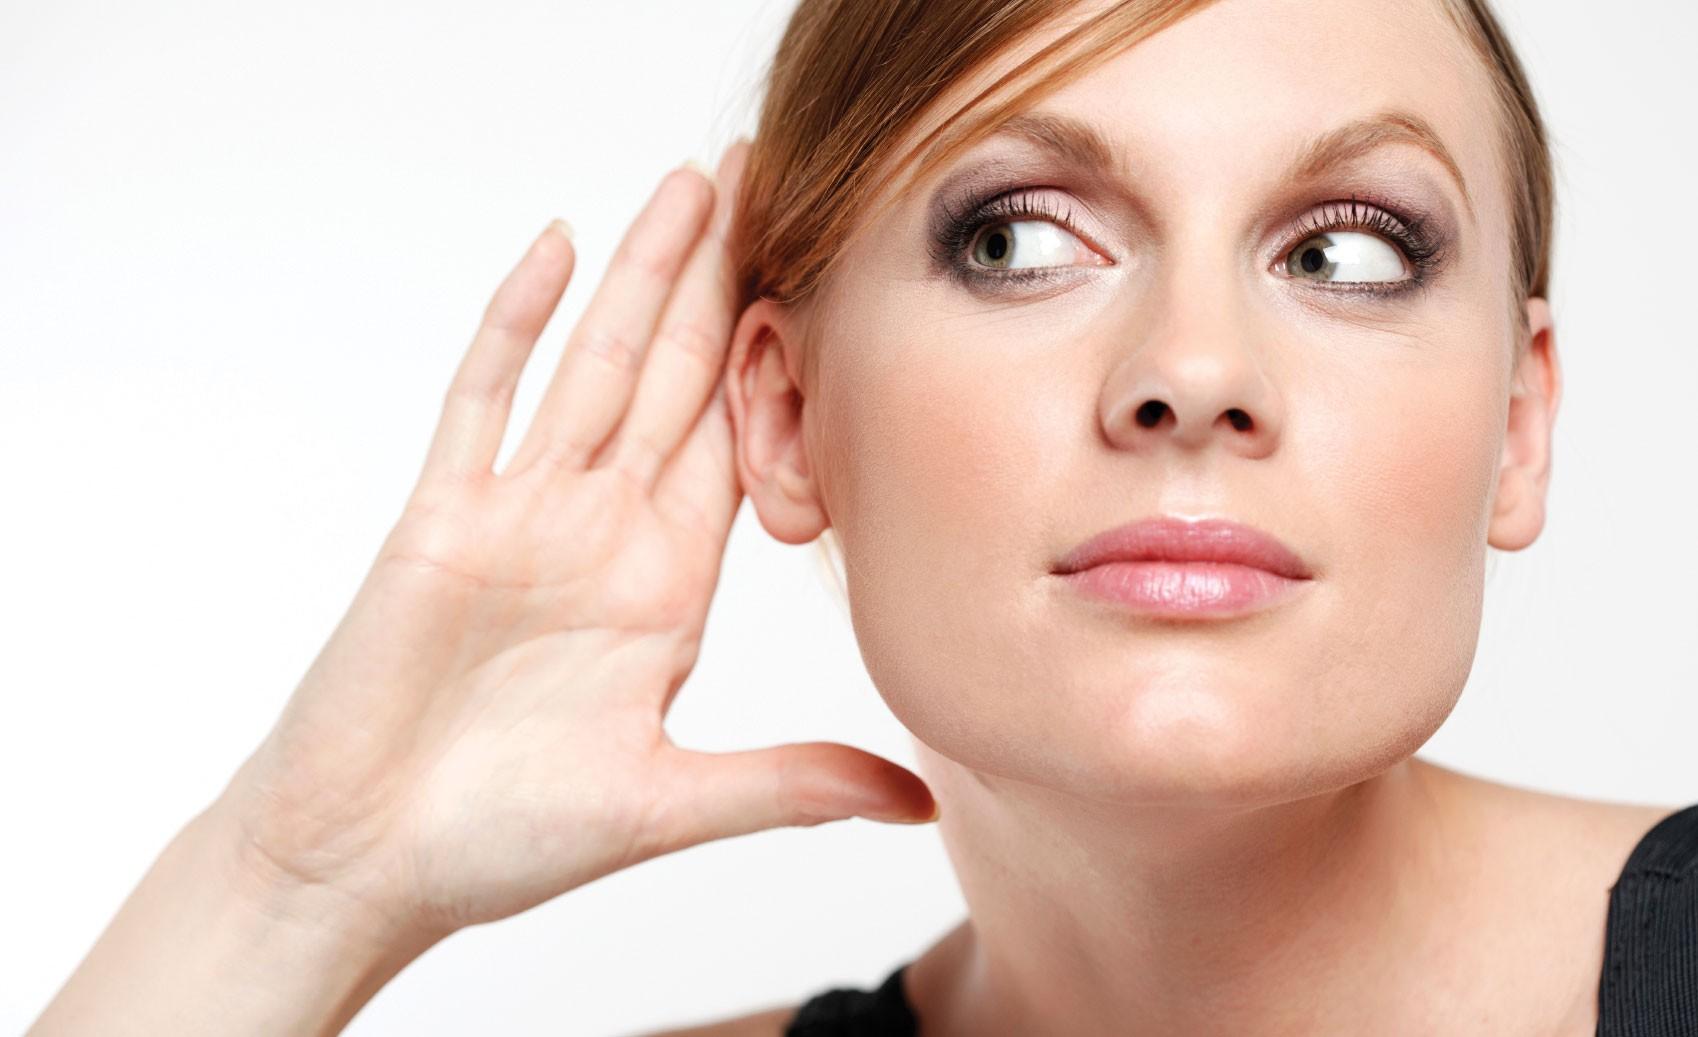 Человек способен рассчитывать расстояние на слух – Ученые